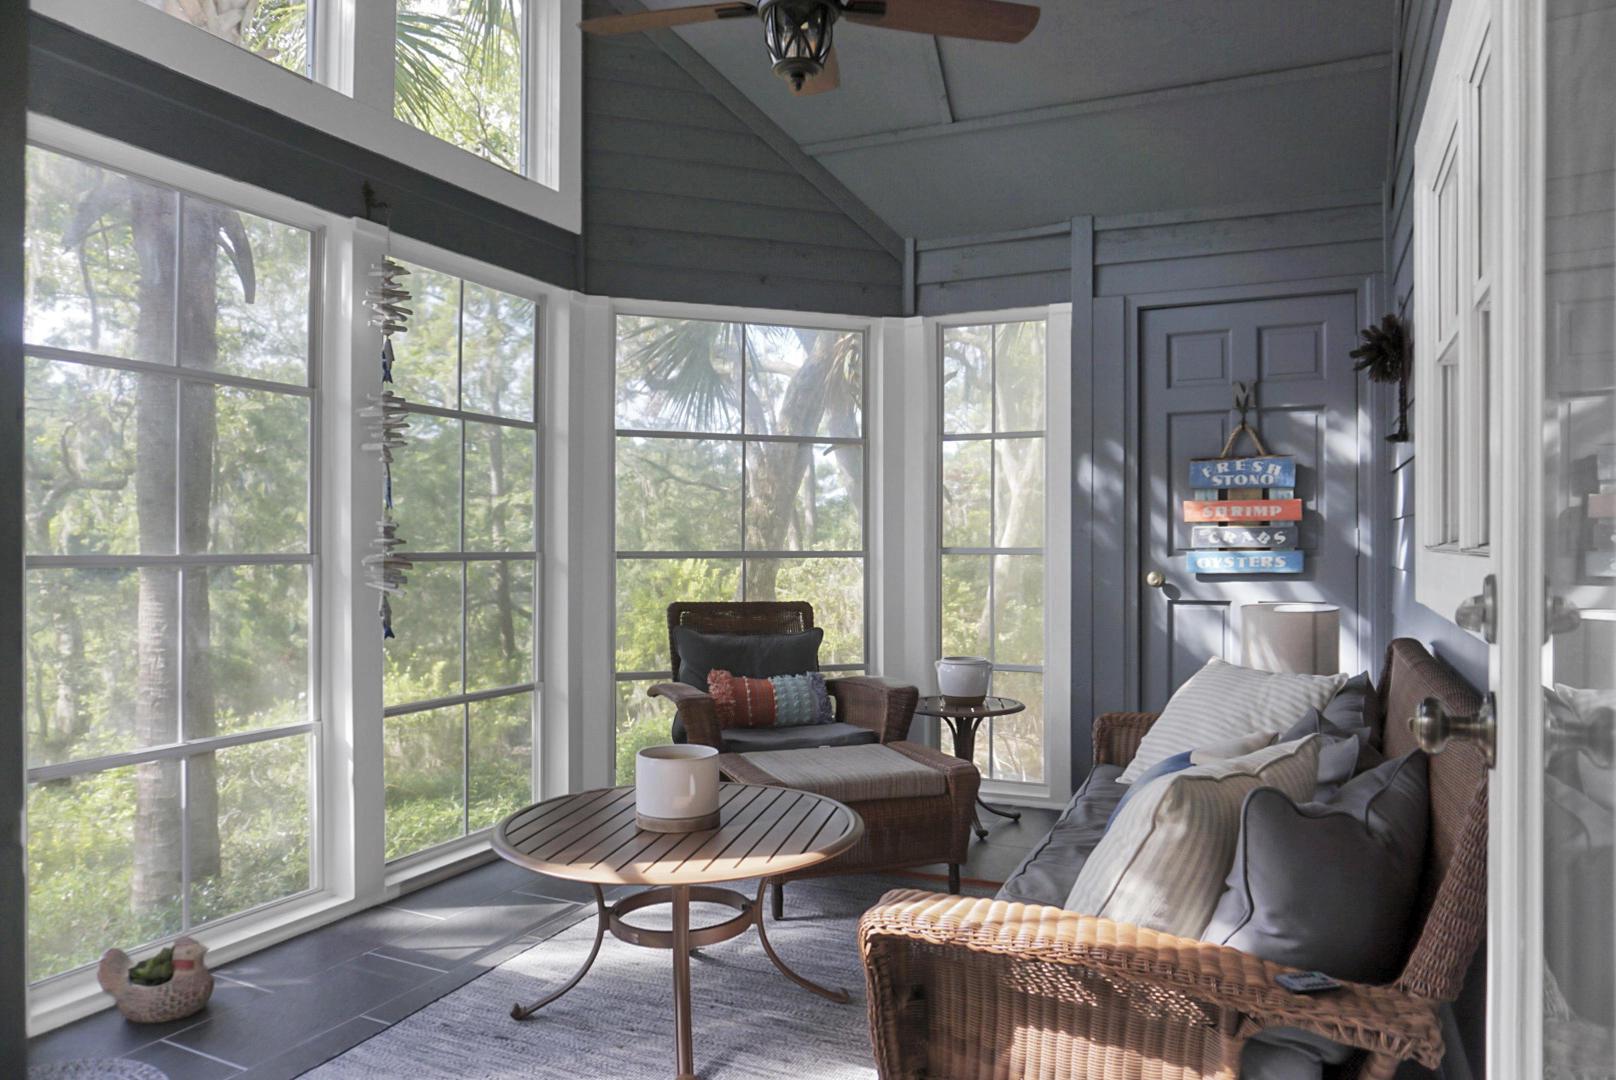 Churchill Landing Homes For Sale - 1753 Clark Hills, Johns Island, SC - 0